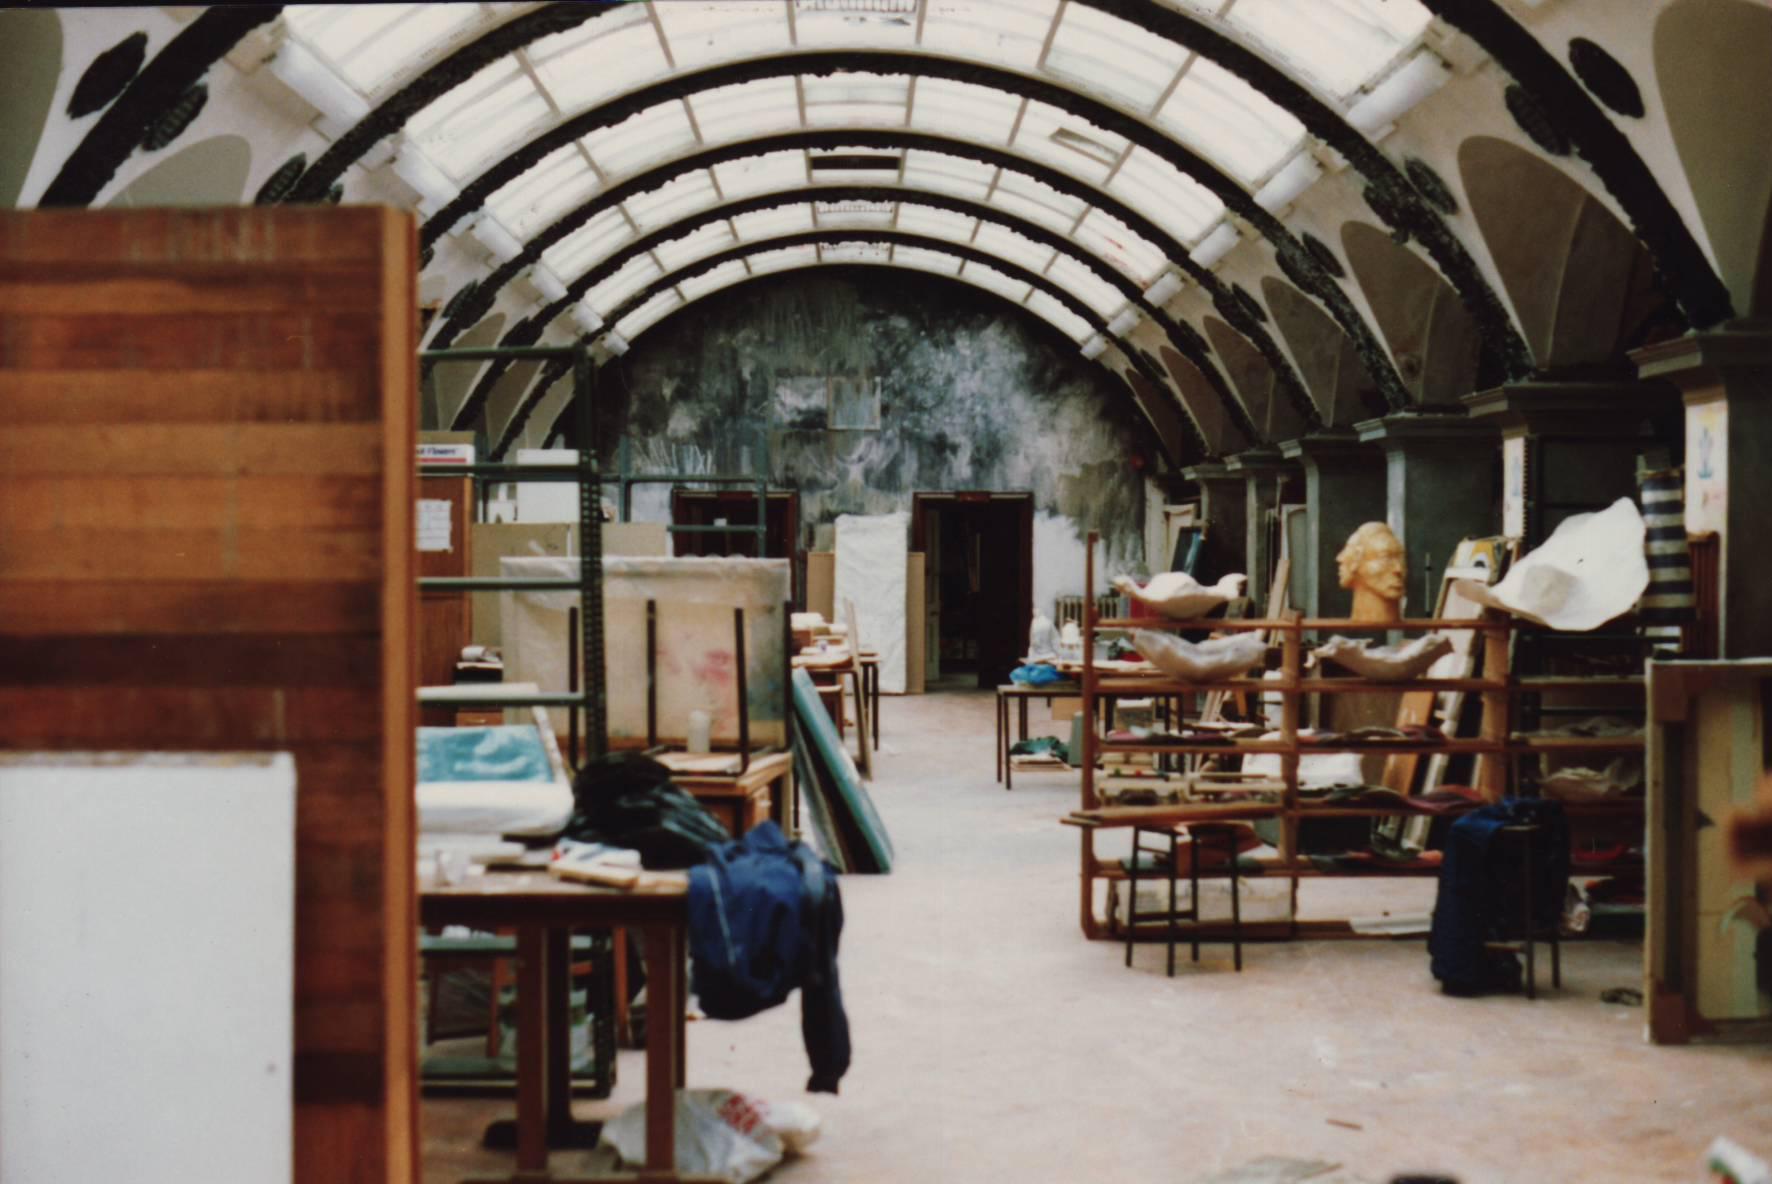 08 First floor studios 1994